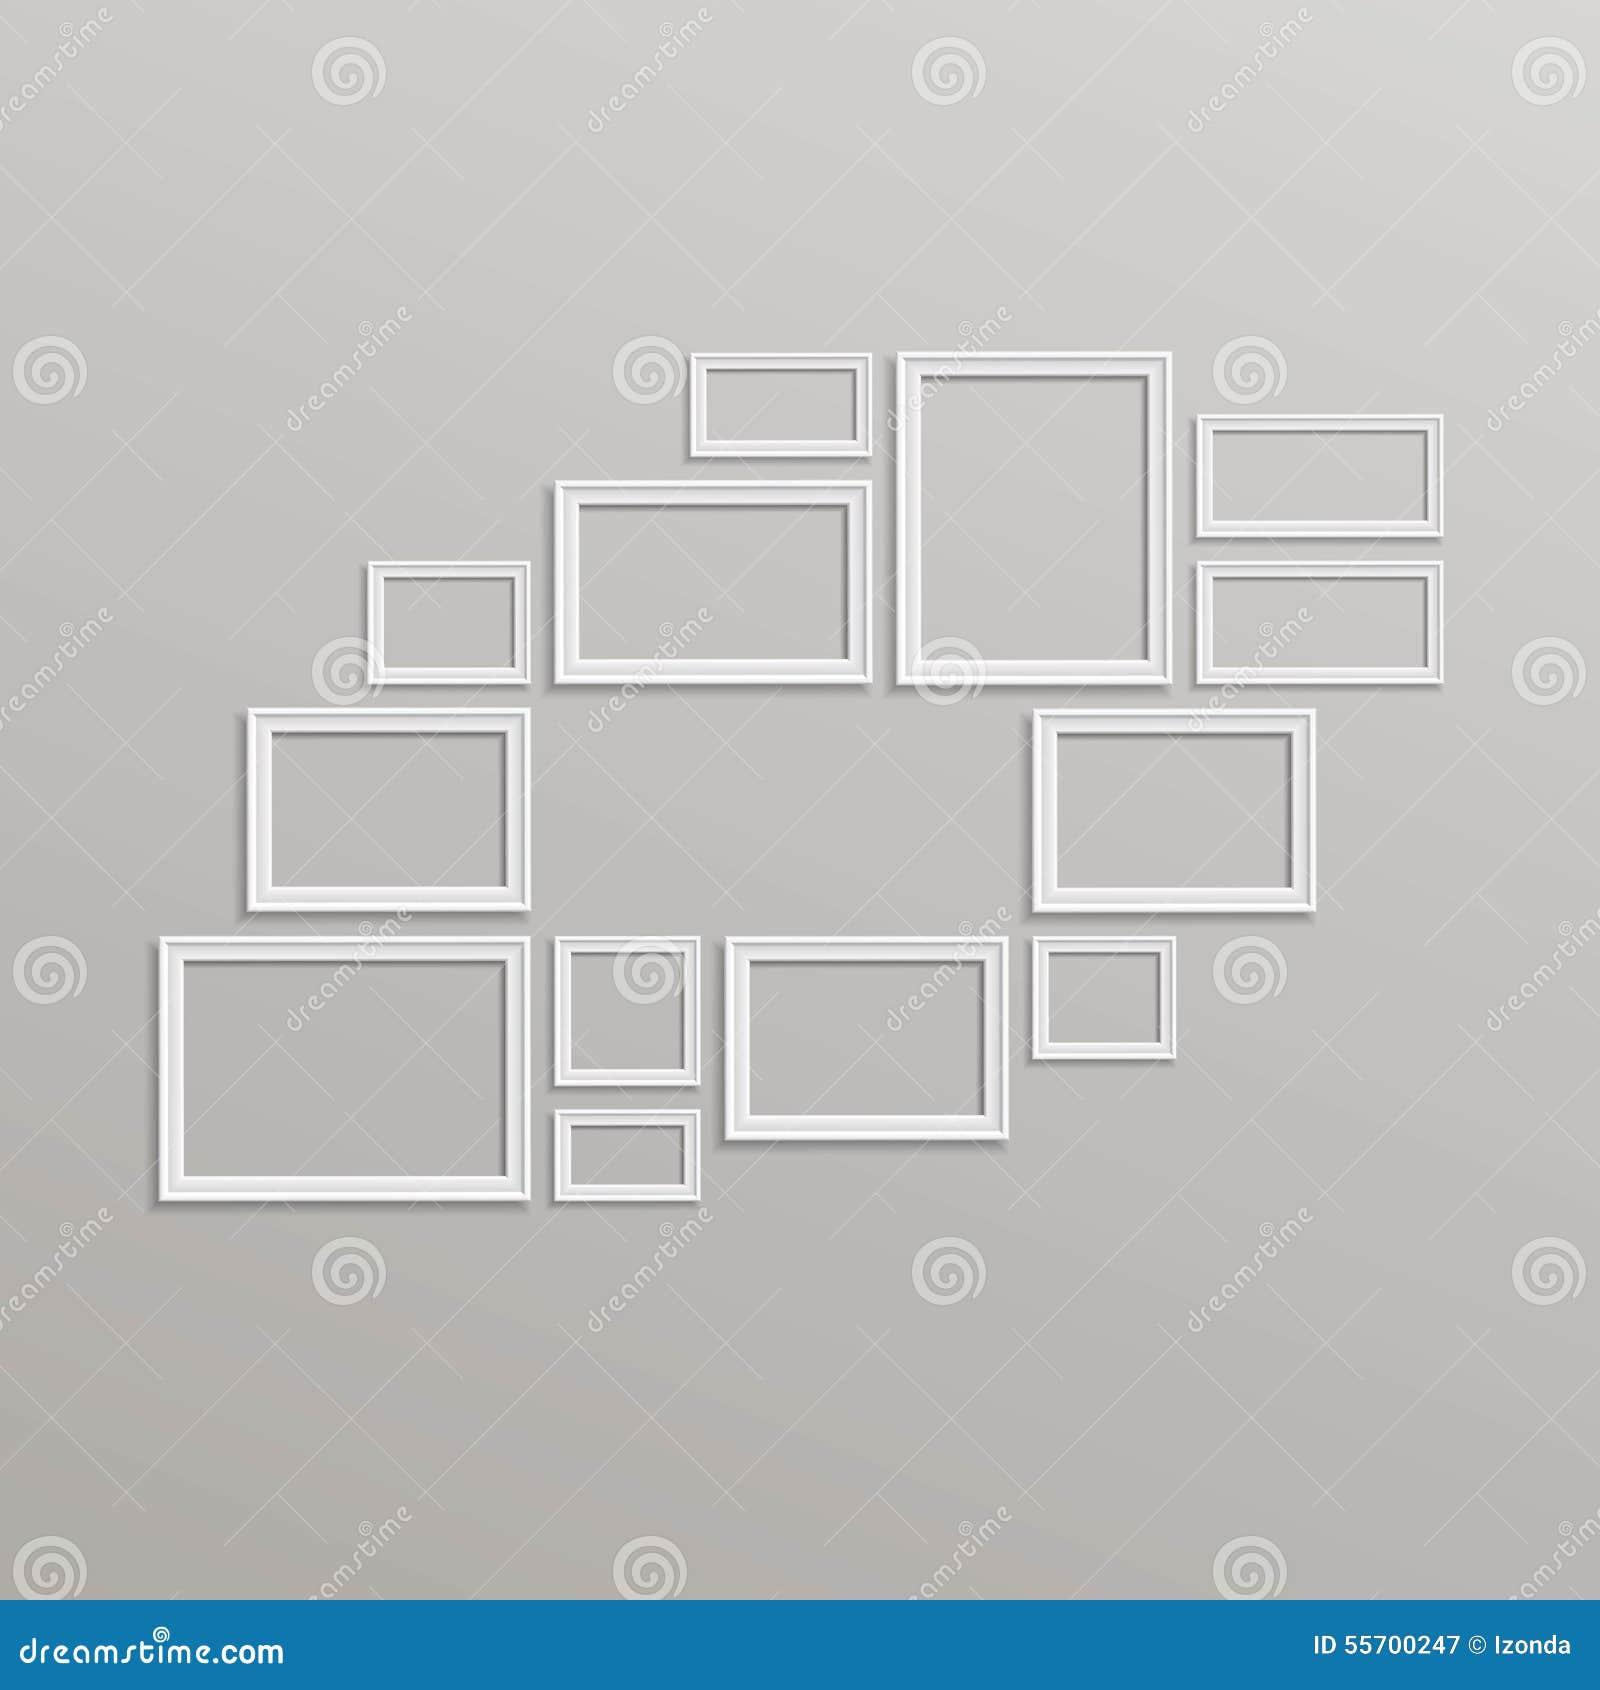 vektor-leere bilderrahmen-schablonen-zusammensetzung vektor